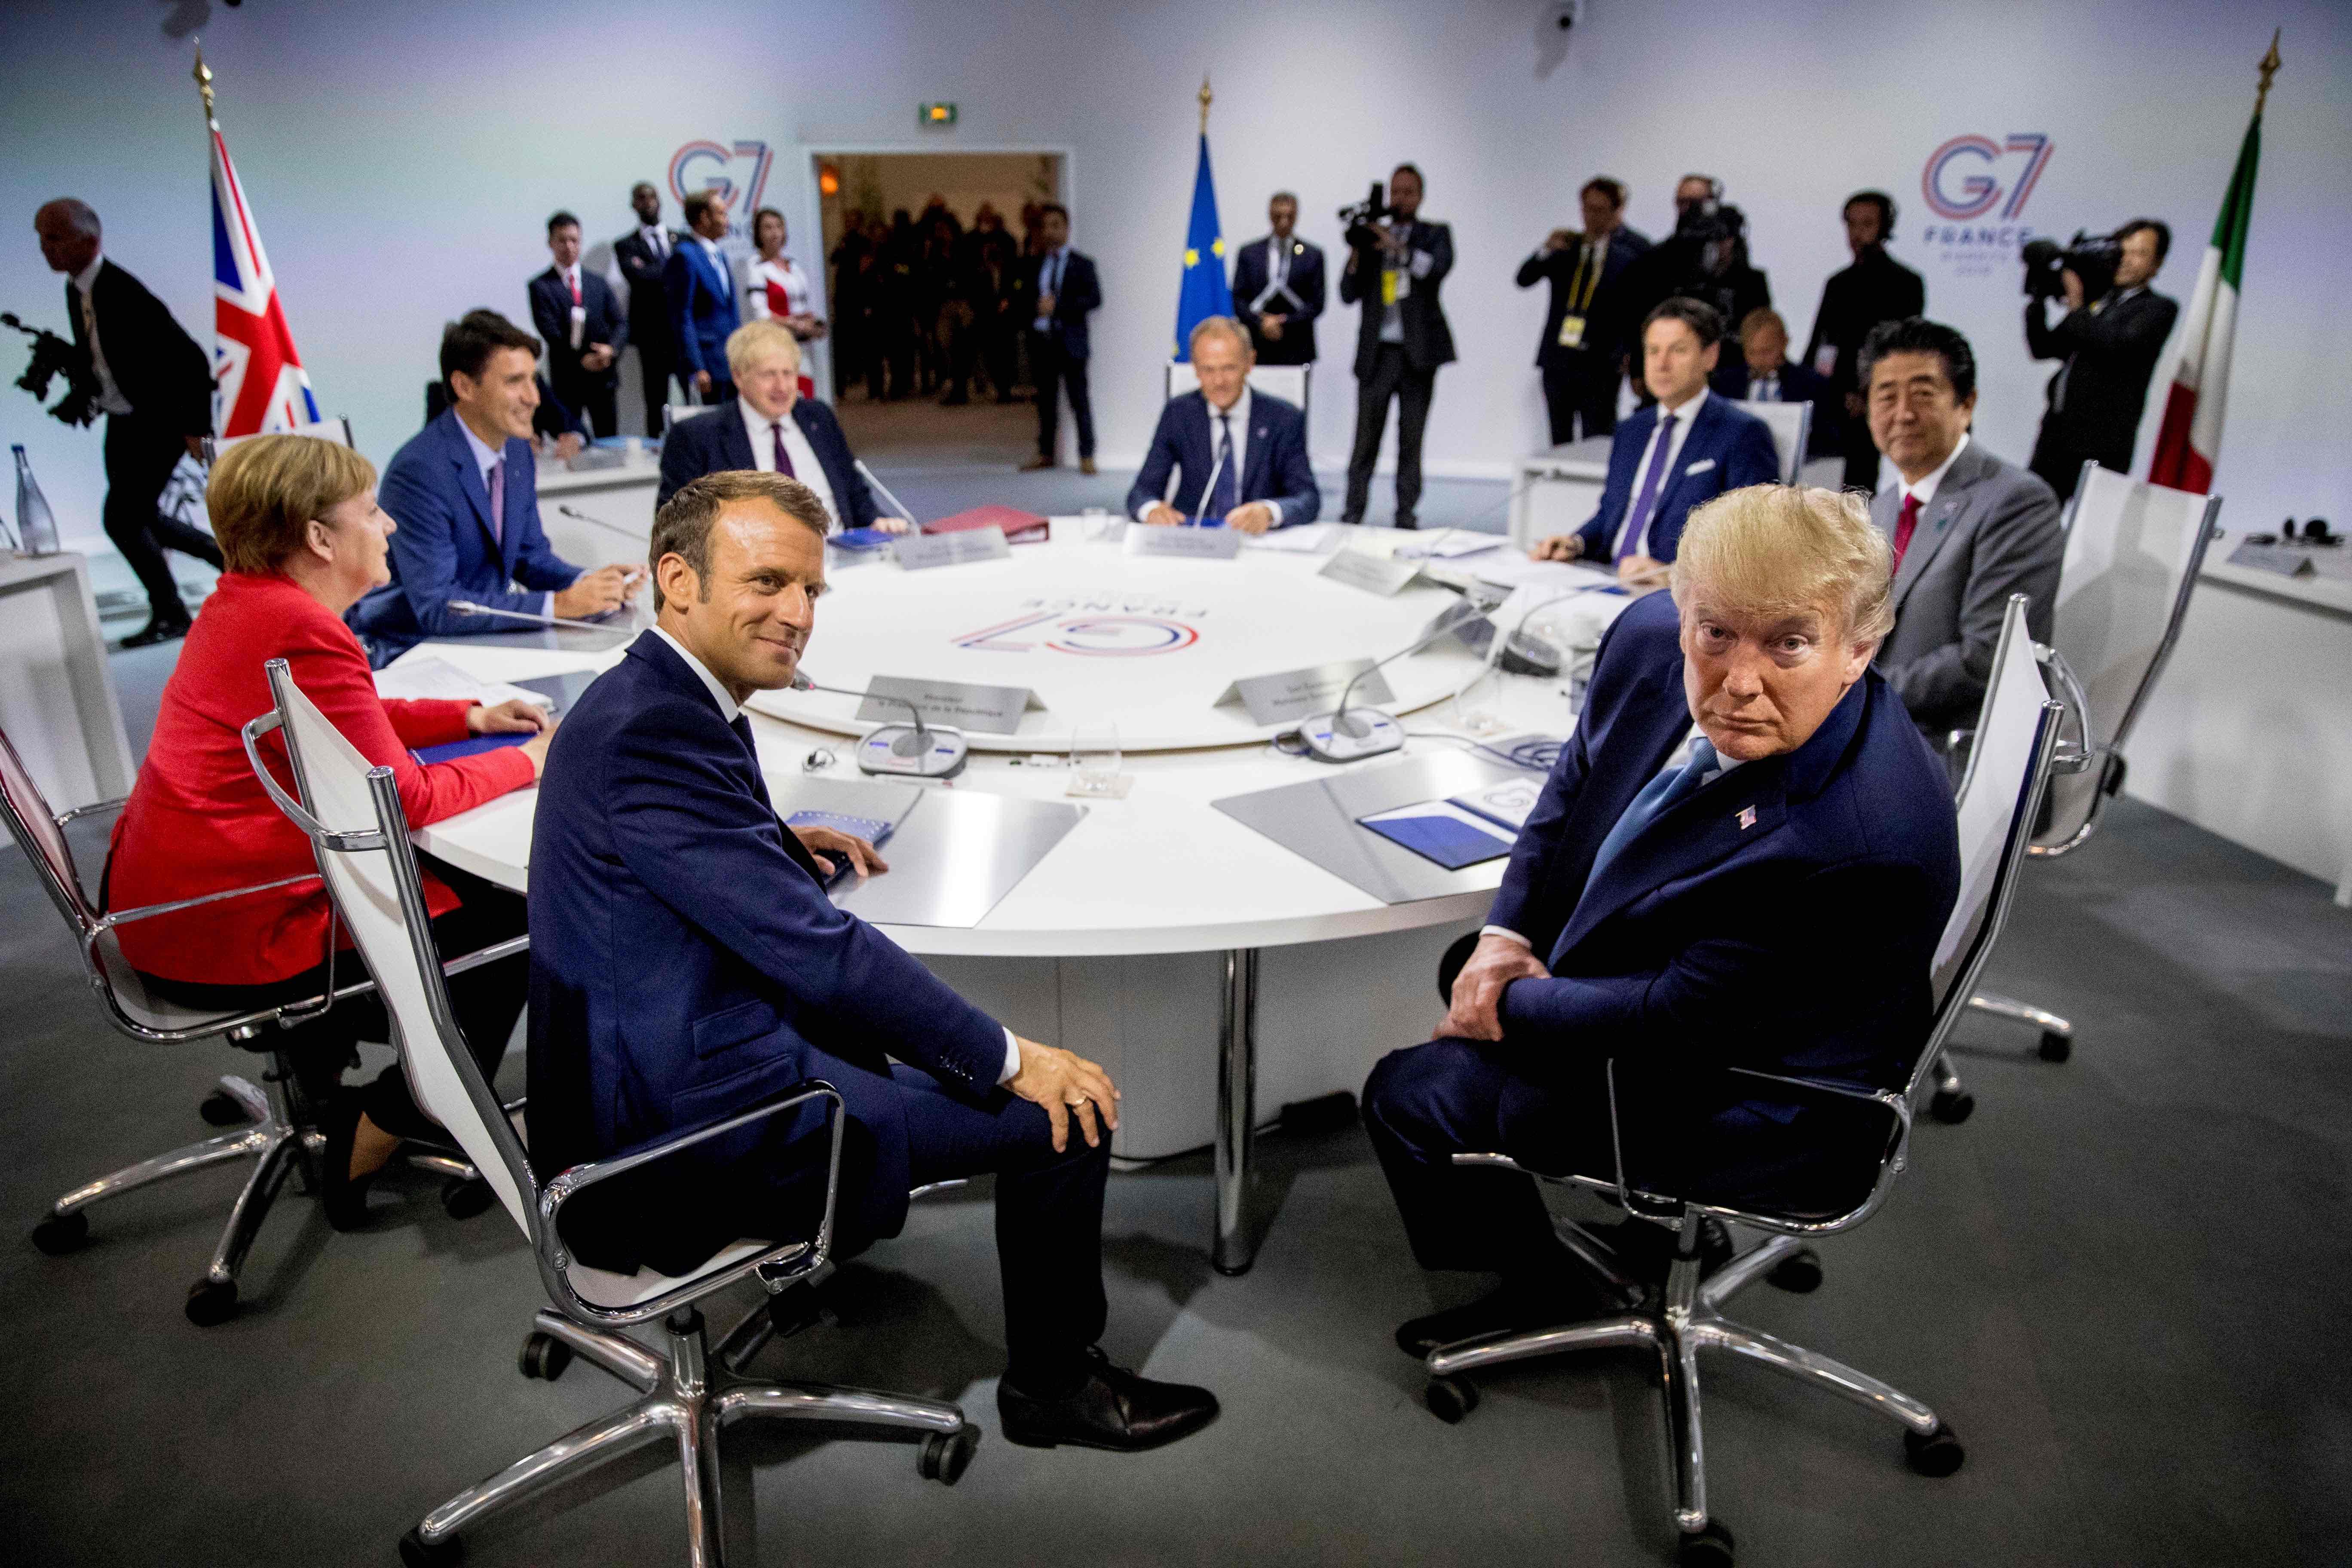 Guerre commerciale, Iran, feux de forêt en Amazonie... ce qu'il faut retenir du G7 de Biarritz